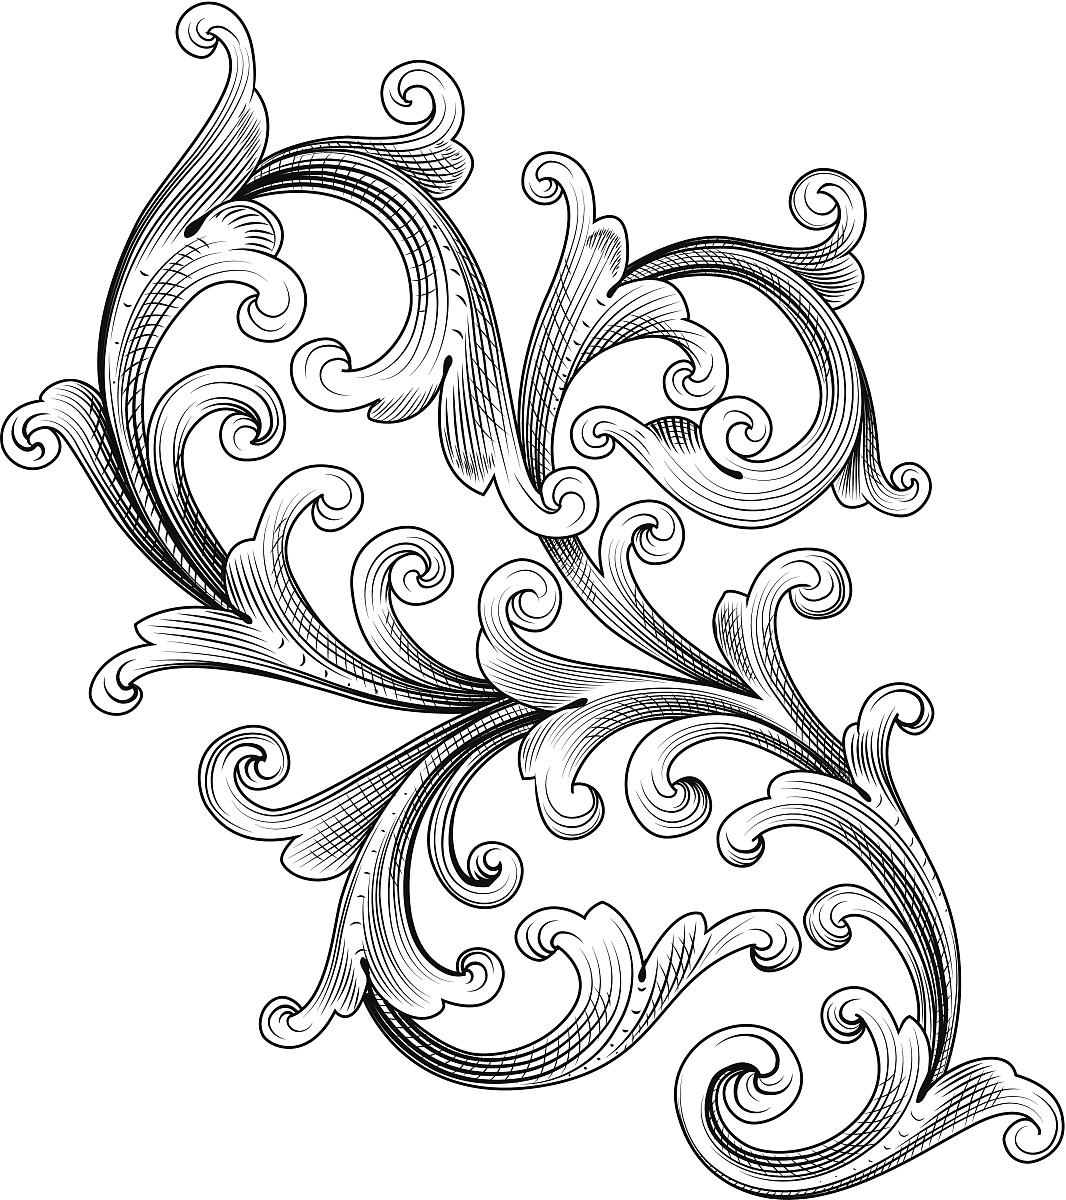 钢笔画,雕刻图像,古董,花纹,无人,矢量,阿拉伯风格,装饰镜板,花体图片